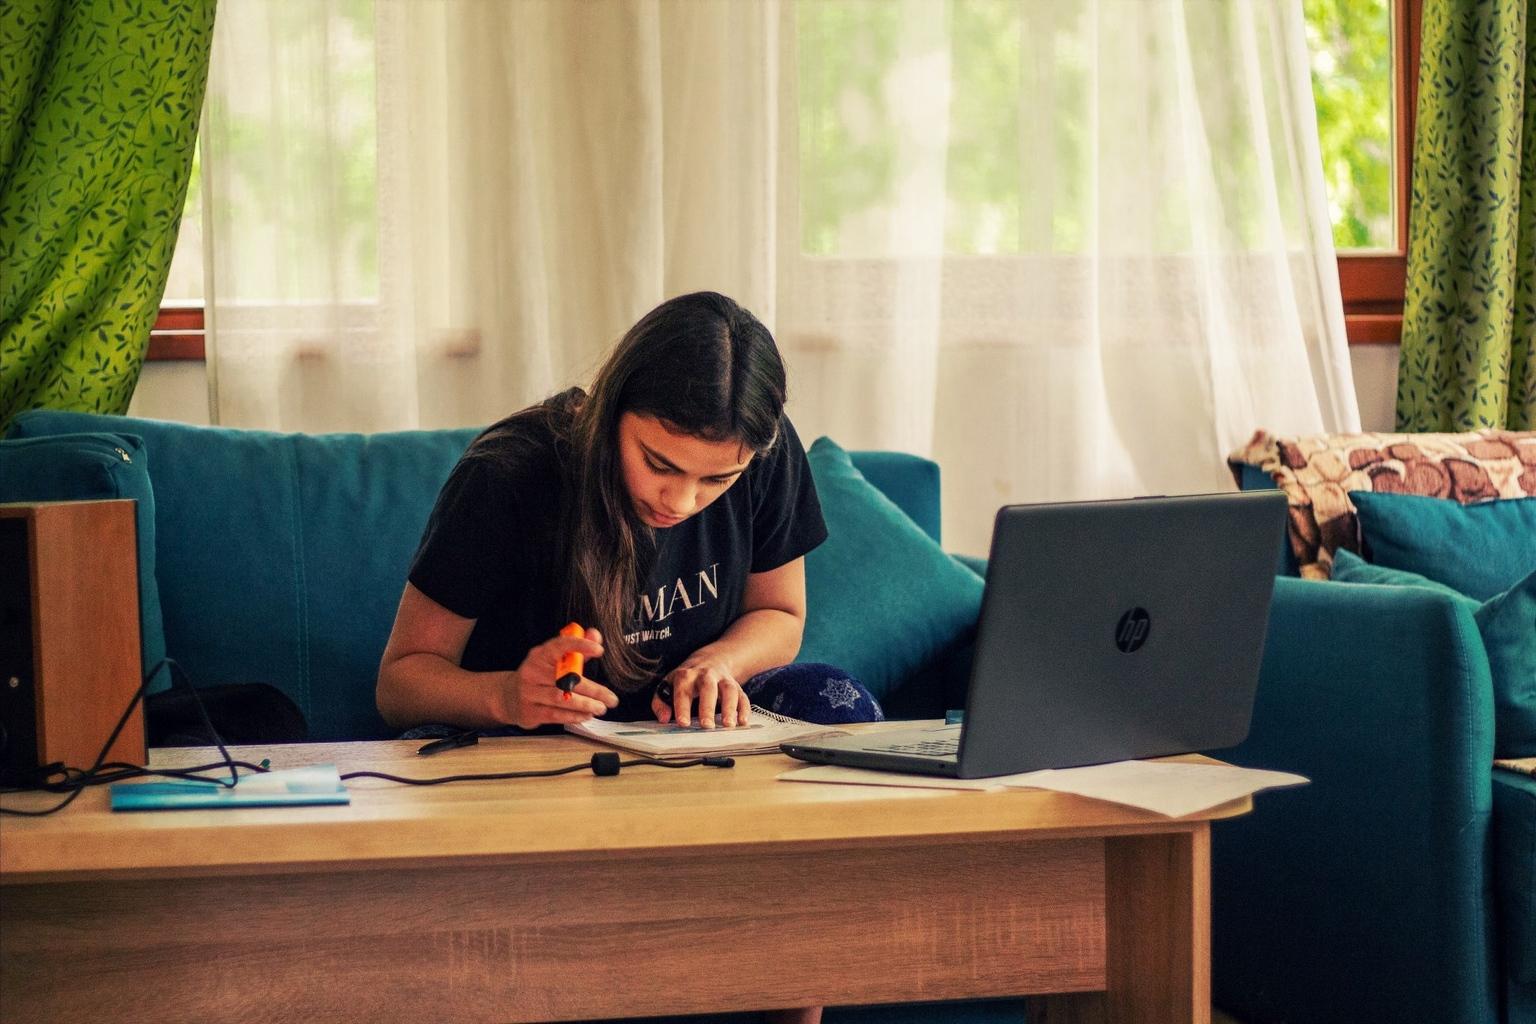 Найти свое предназначение: в Хабе началась профориентационная программа